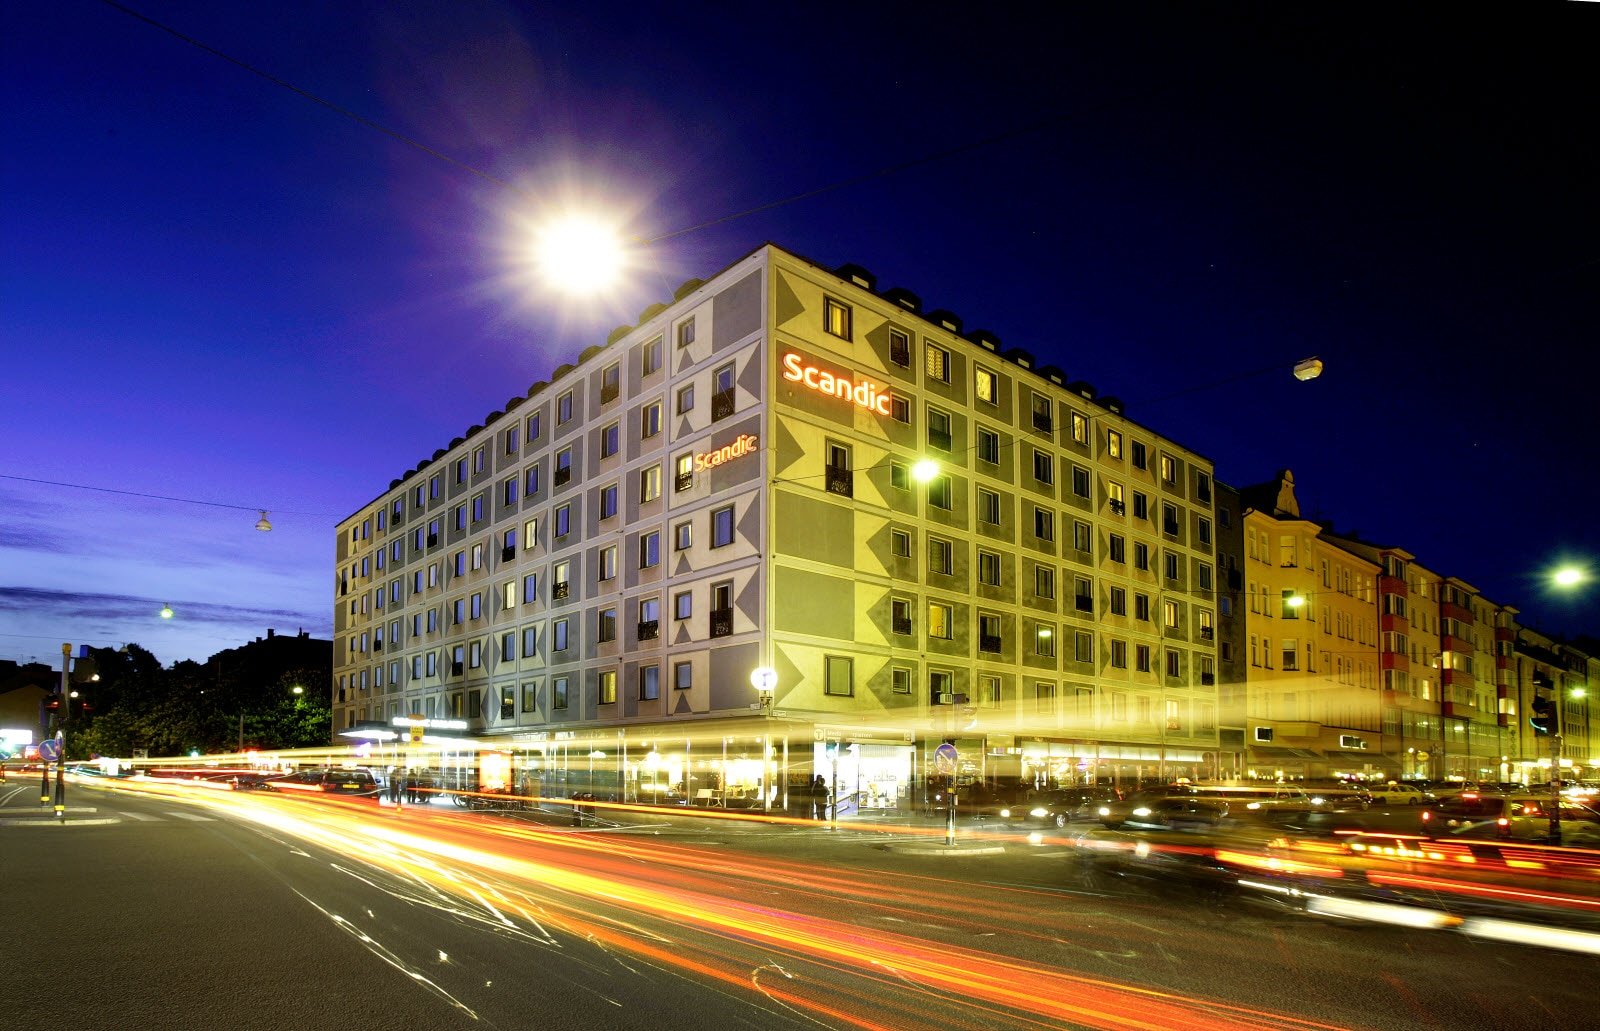 scandic hotels stockholm